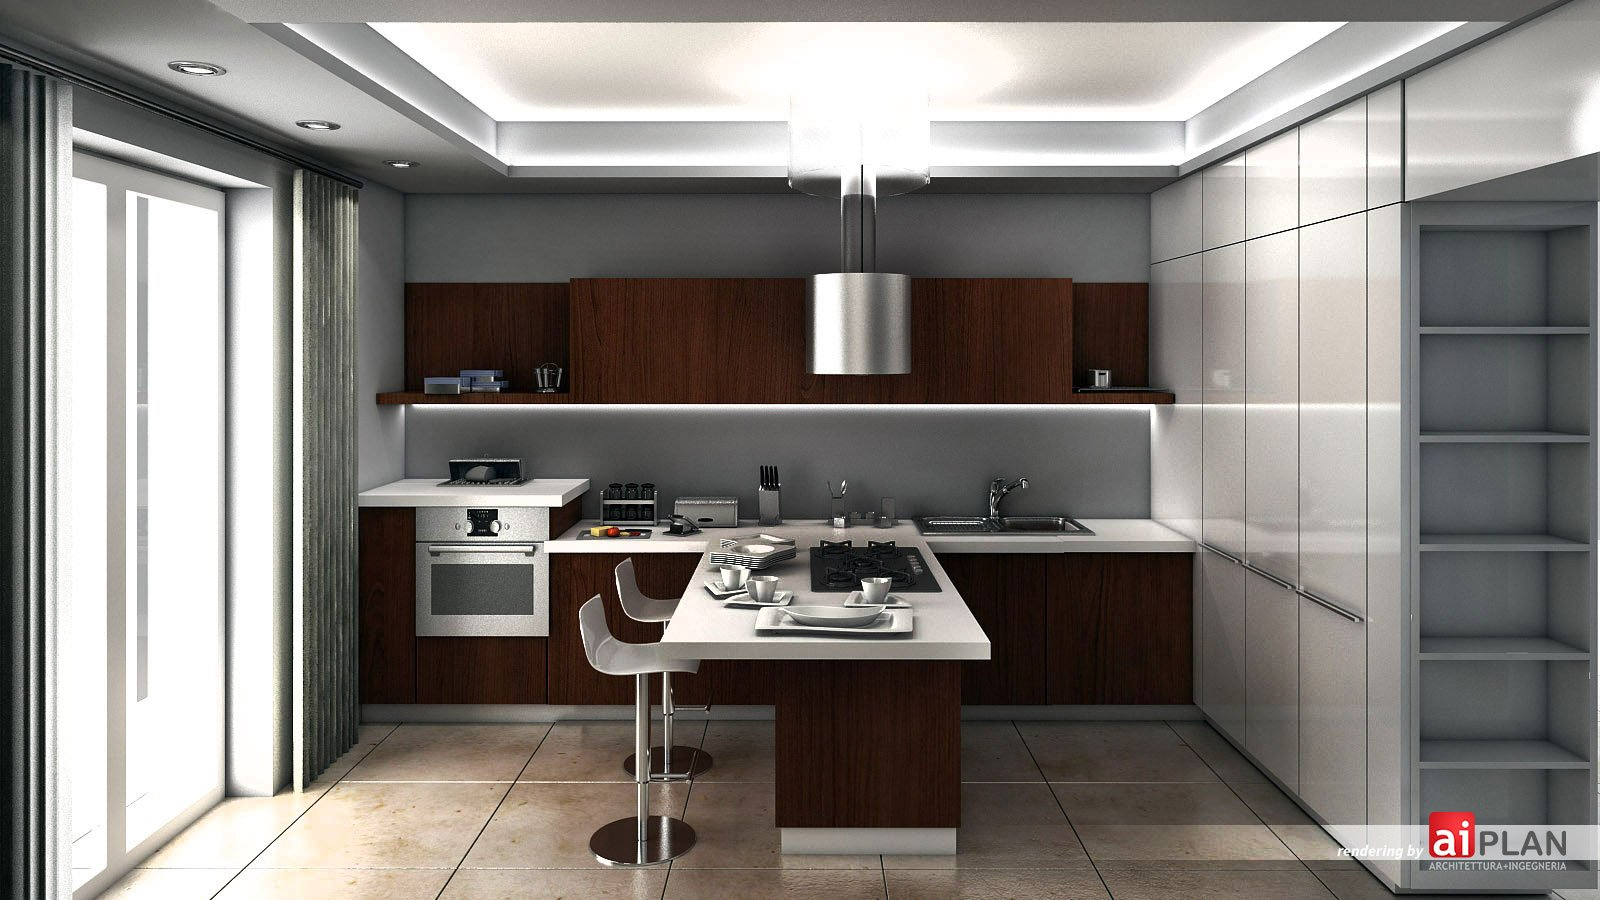 Illuminazione cartongesso cucina tutto su ispirazione - Illuminazione cucina moderna ...